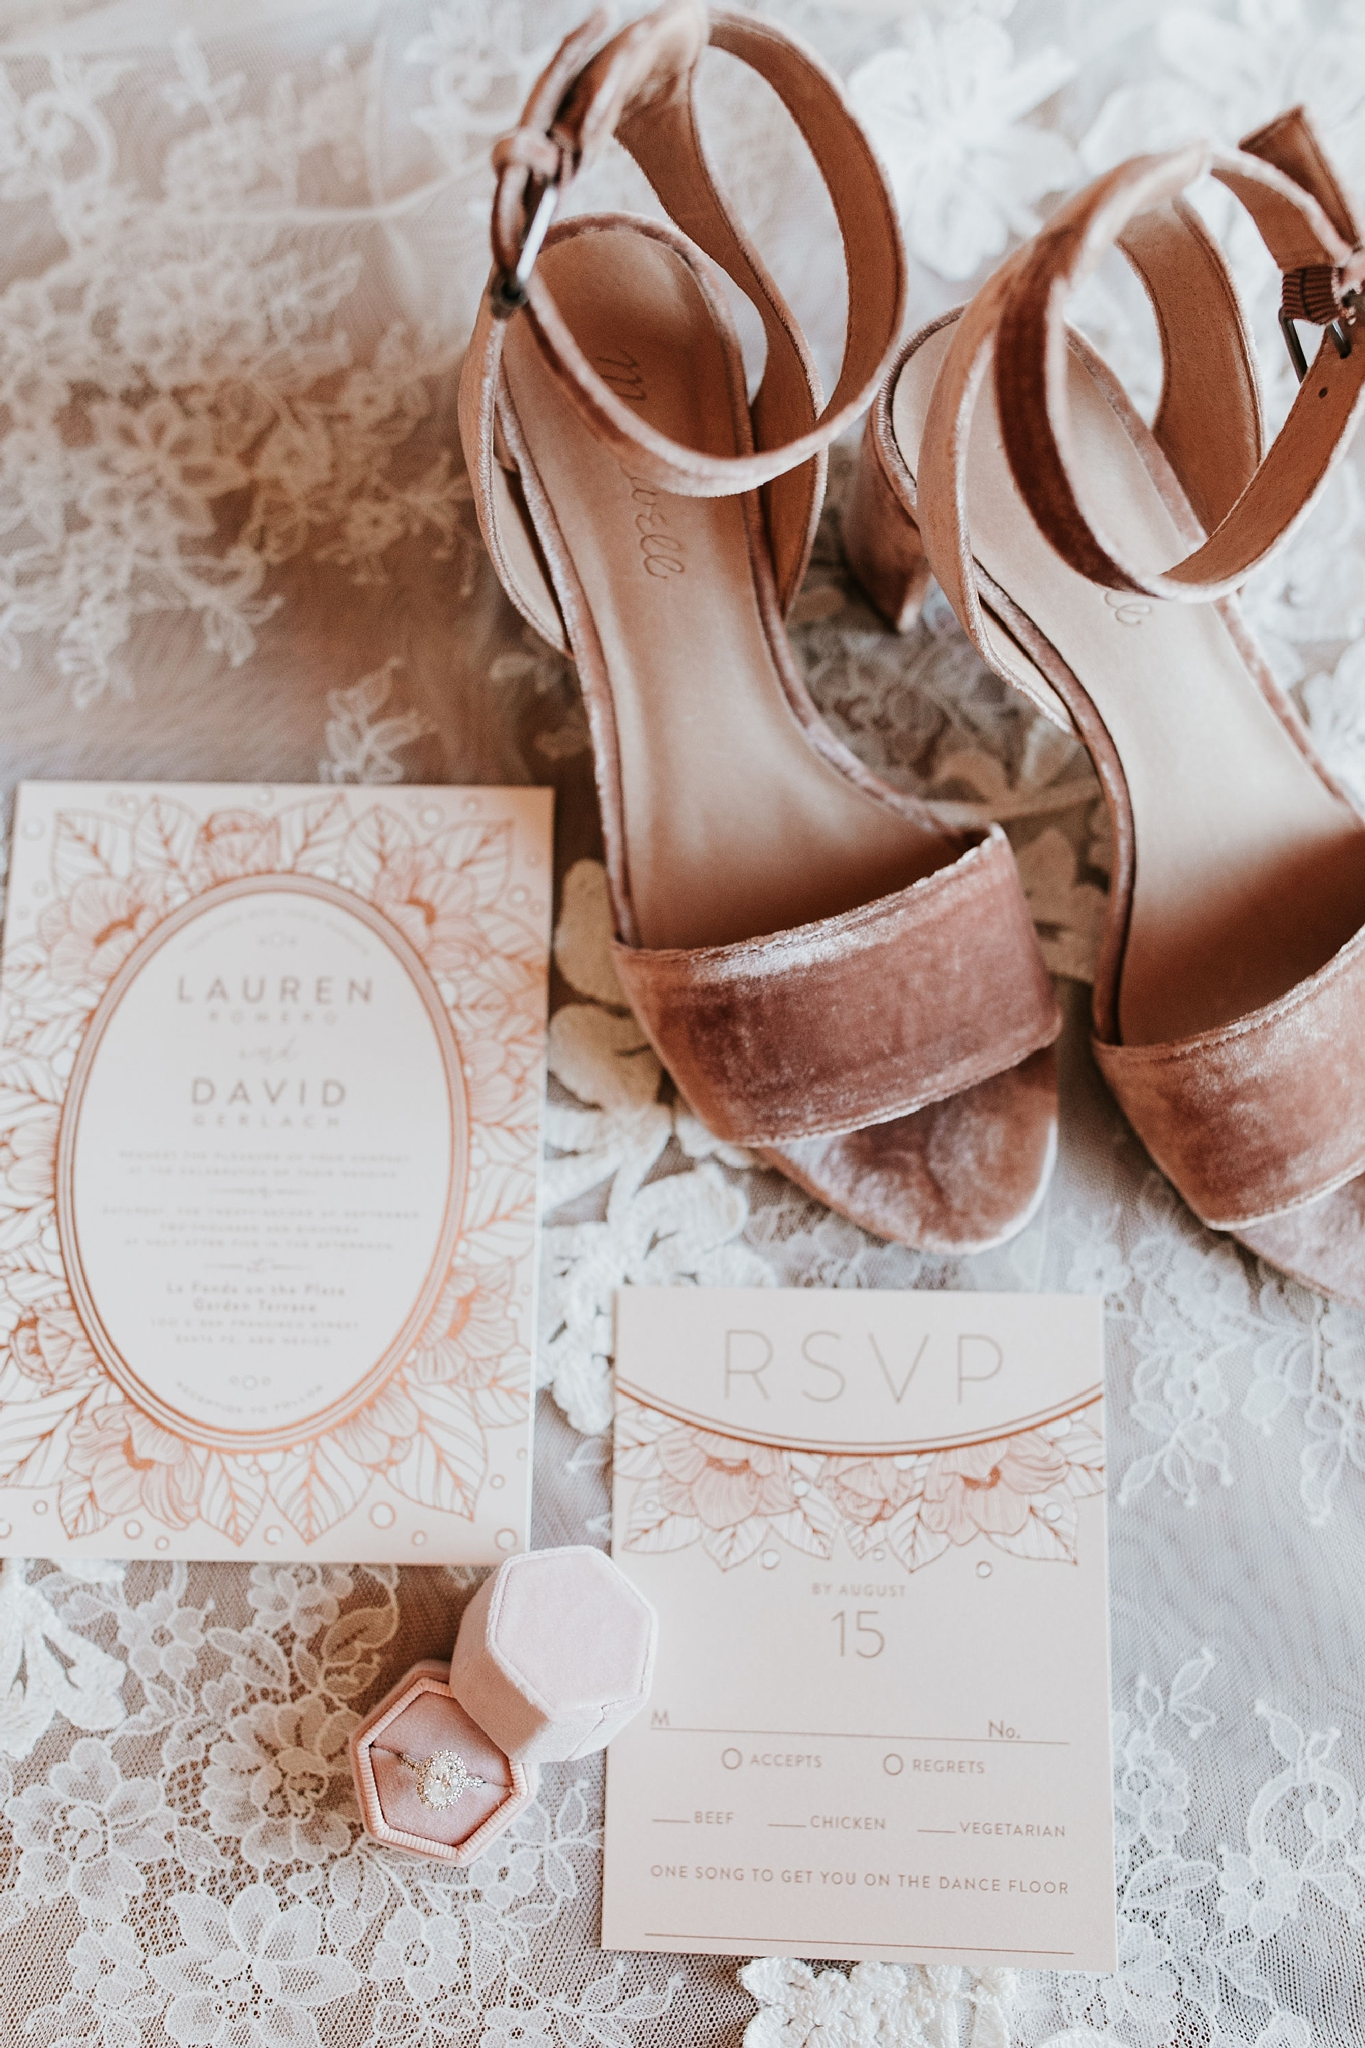 Alicia+lucia+photography+-+albuquerque+wedding+photographer+-+santa+fe+wedding+photography+-+new+mexico+wedding+photographer+-+new+mexico+wedding+-+wedding+invitations+-+invitation+suite+-+wedding+inspo_0061.jpg